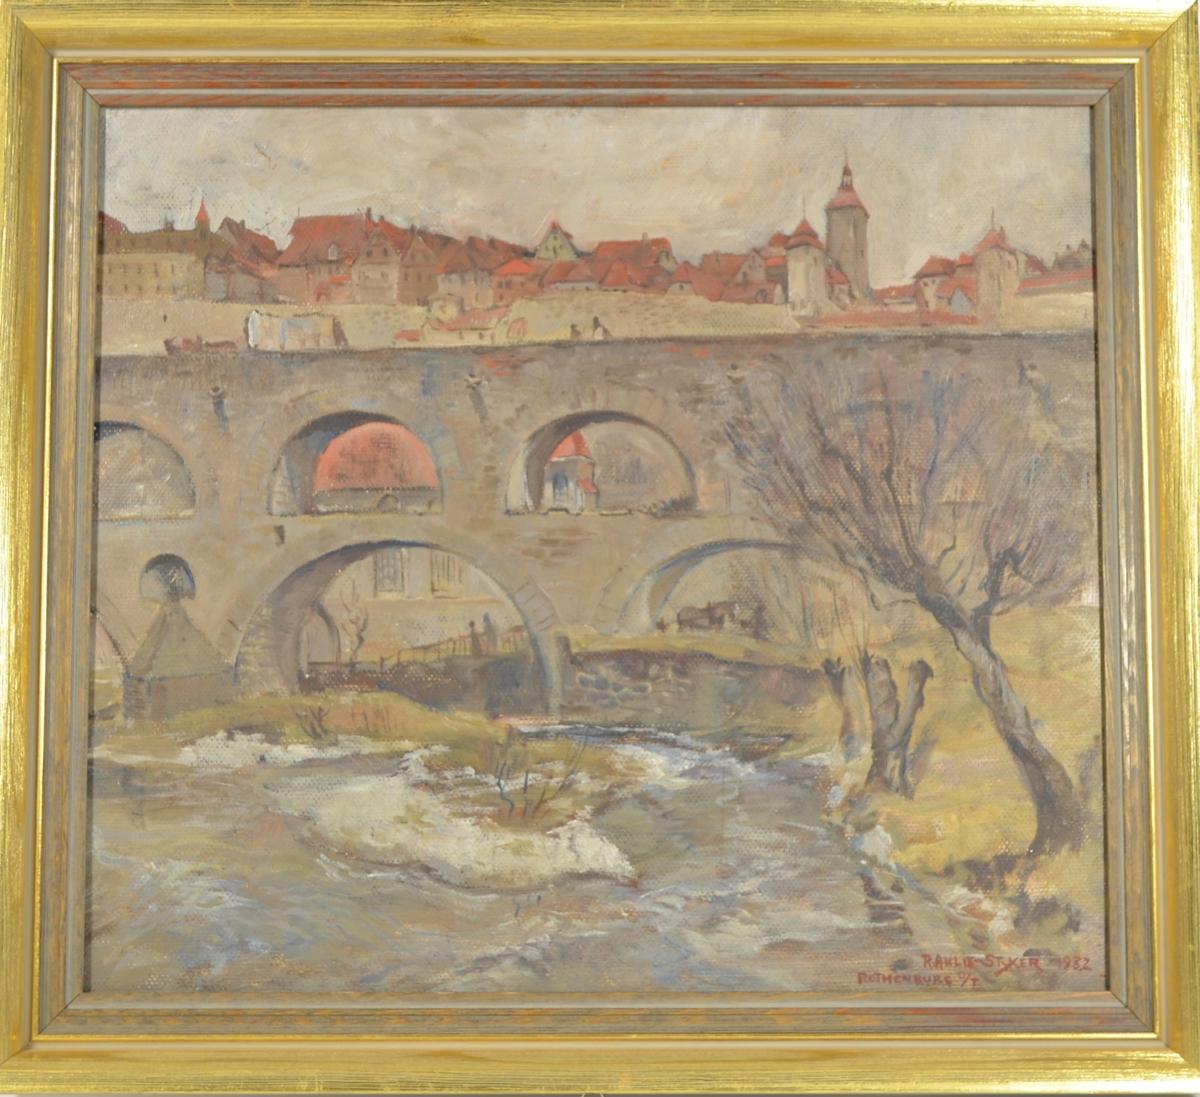 Motivet viser et byprospekt med en to-etasjes bro [akvedukt?] i mellomgrunnen og bebyggelse i bakgrunnen. I forgrunnen ser man en elv og helt til høyre et tre.